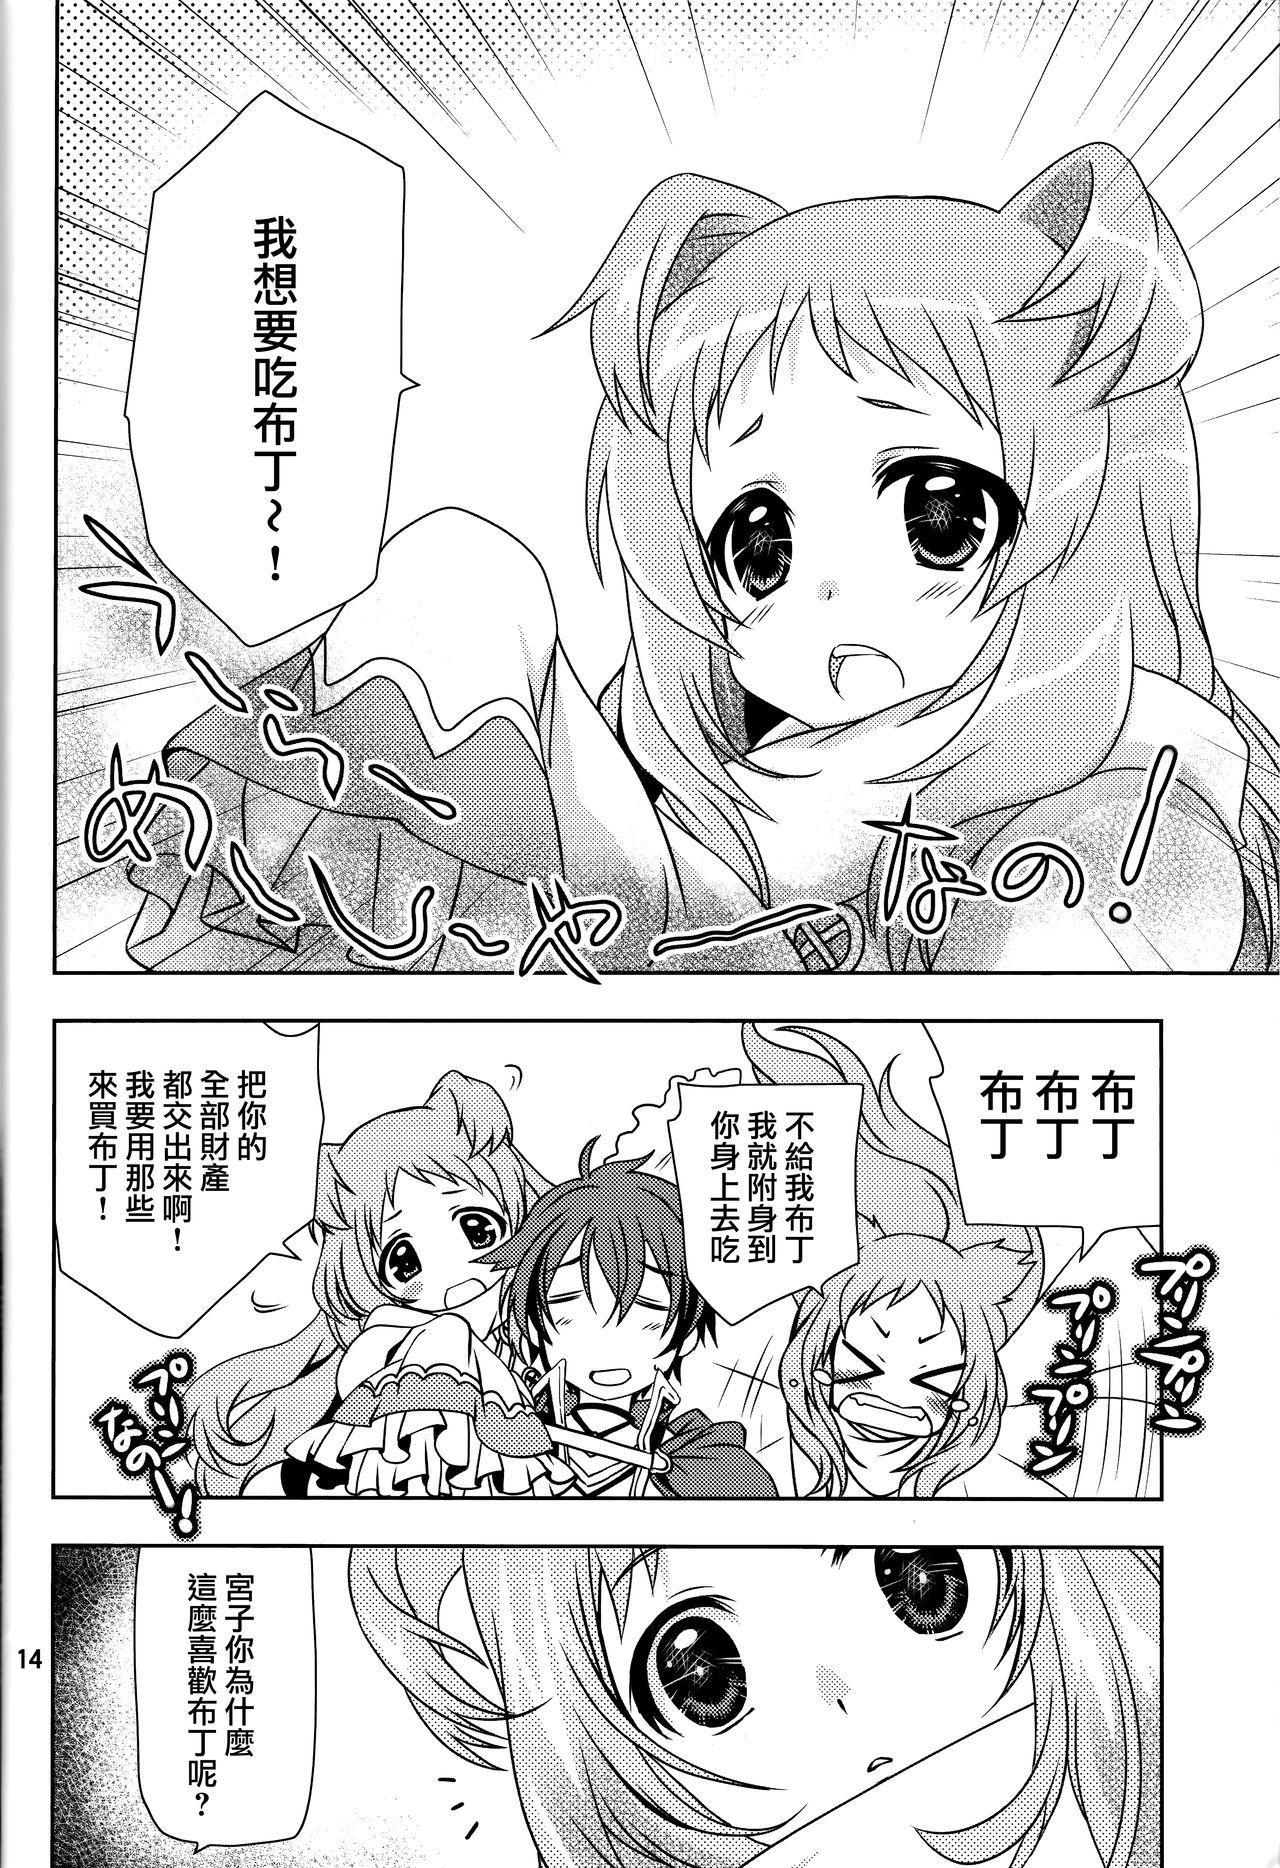 Aruji-sama ni Naisho no Memory Piece 13